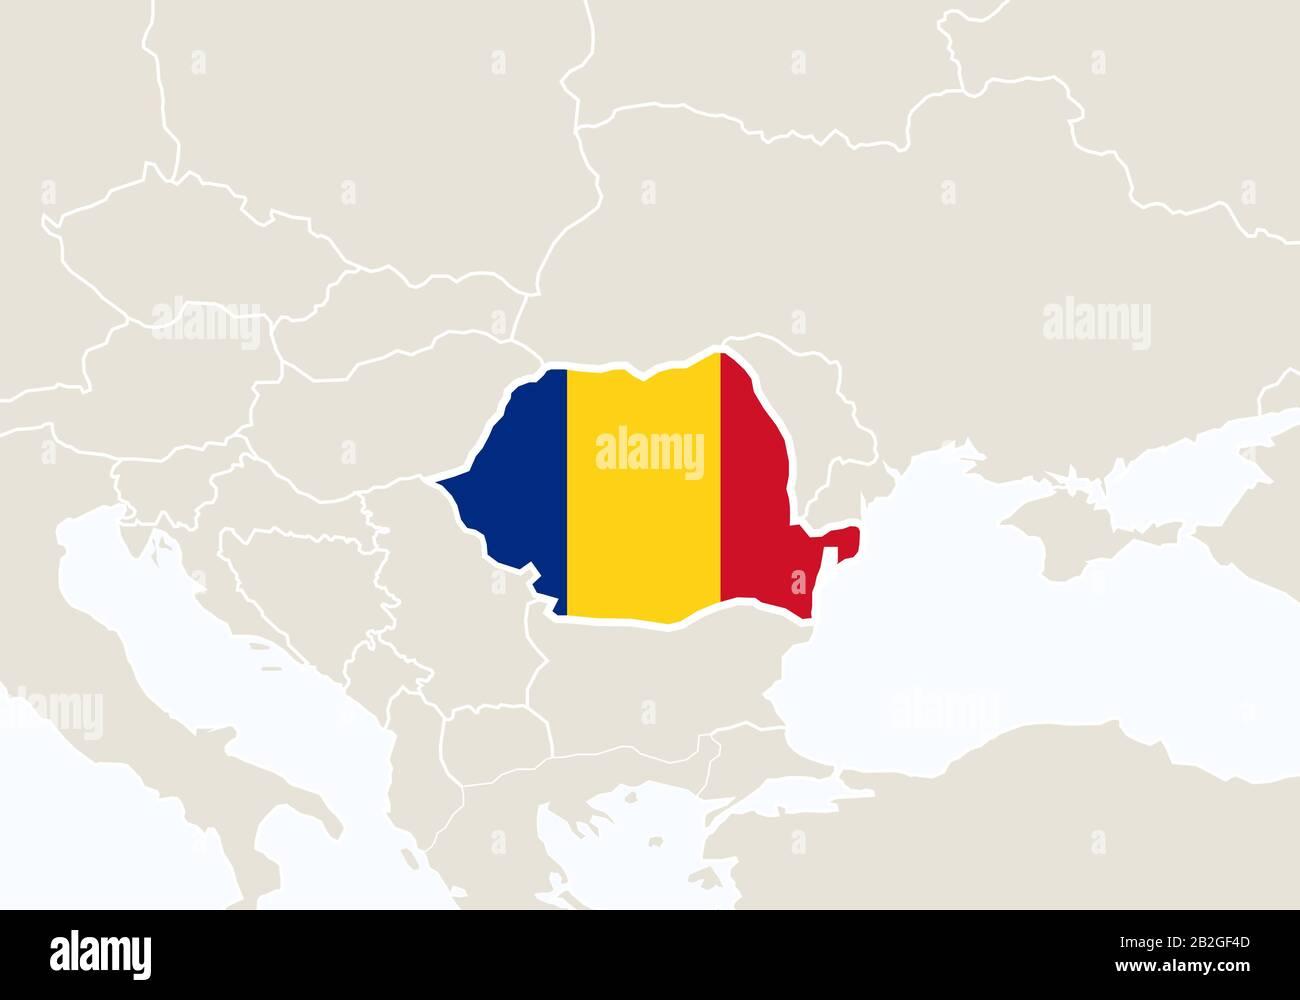 Cartina Dettagliata Romania.Europa Con Mappa Romania Evidenziata Illustrazione Vettoriale Immagine E Vettoriale Alamy